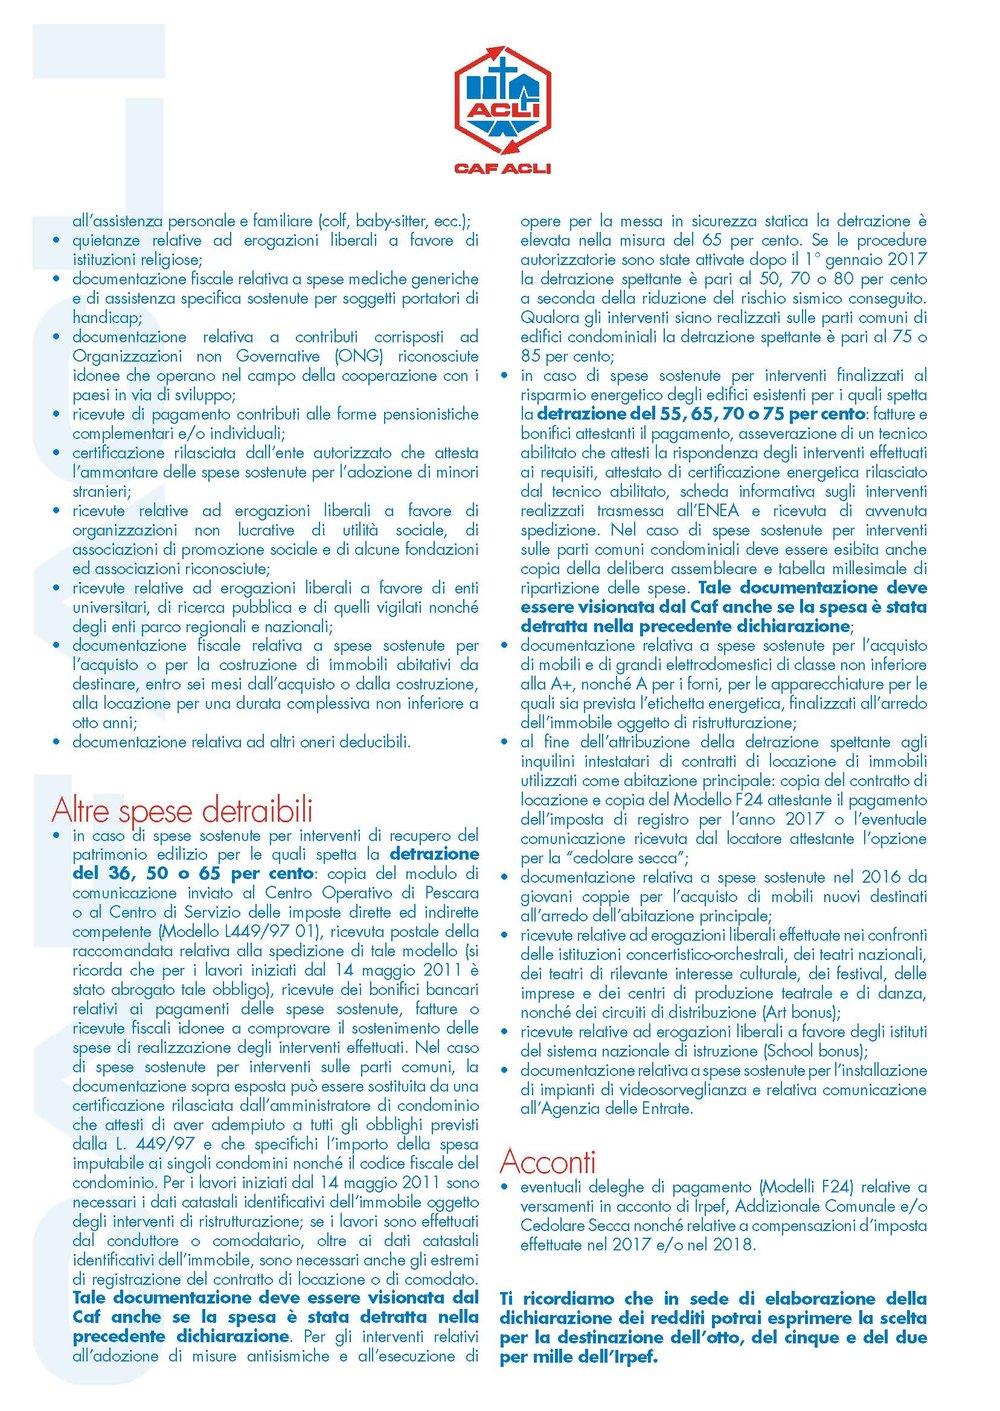 Istruzioni 3.jpg